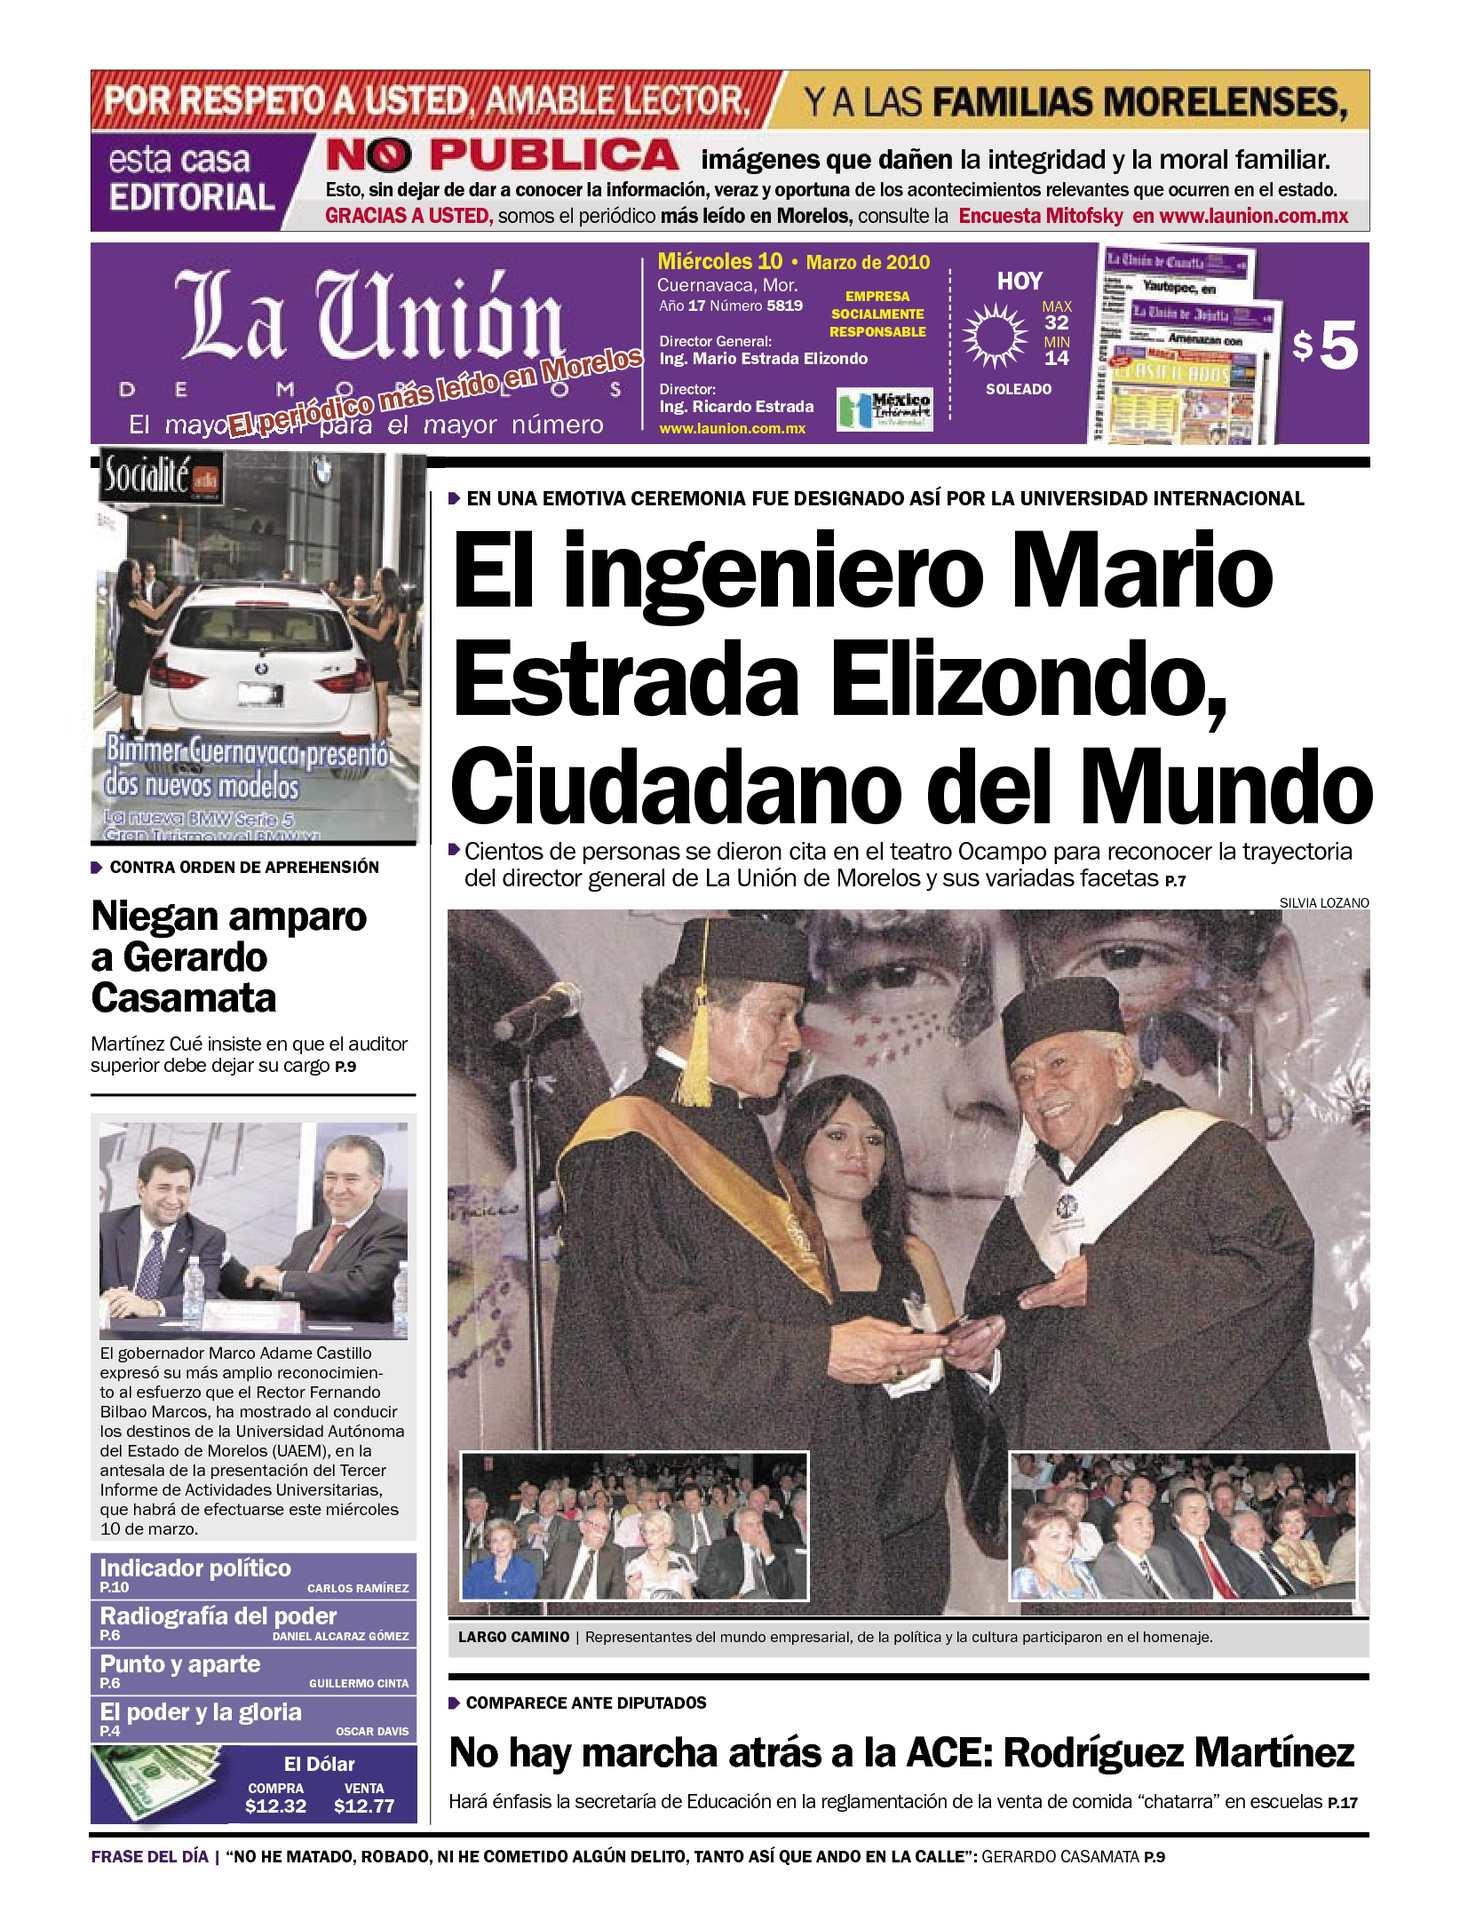 Calaméo - La Unión de Morelos 10 Marzo 2010 4d80cab85f1a